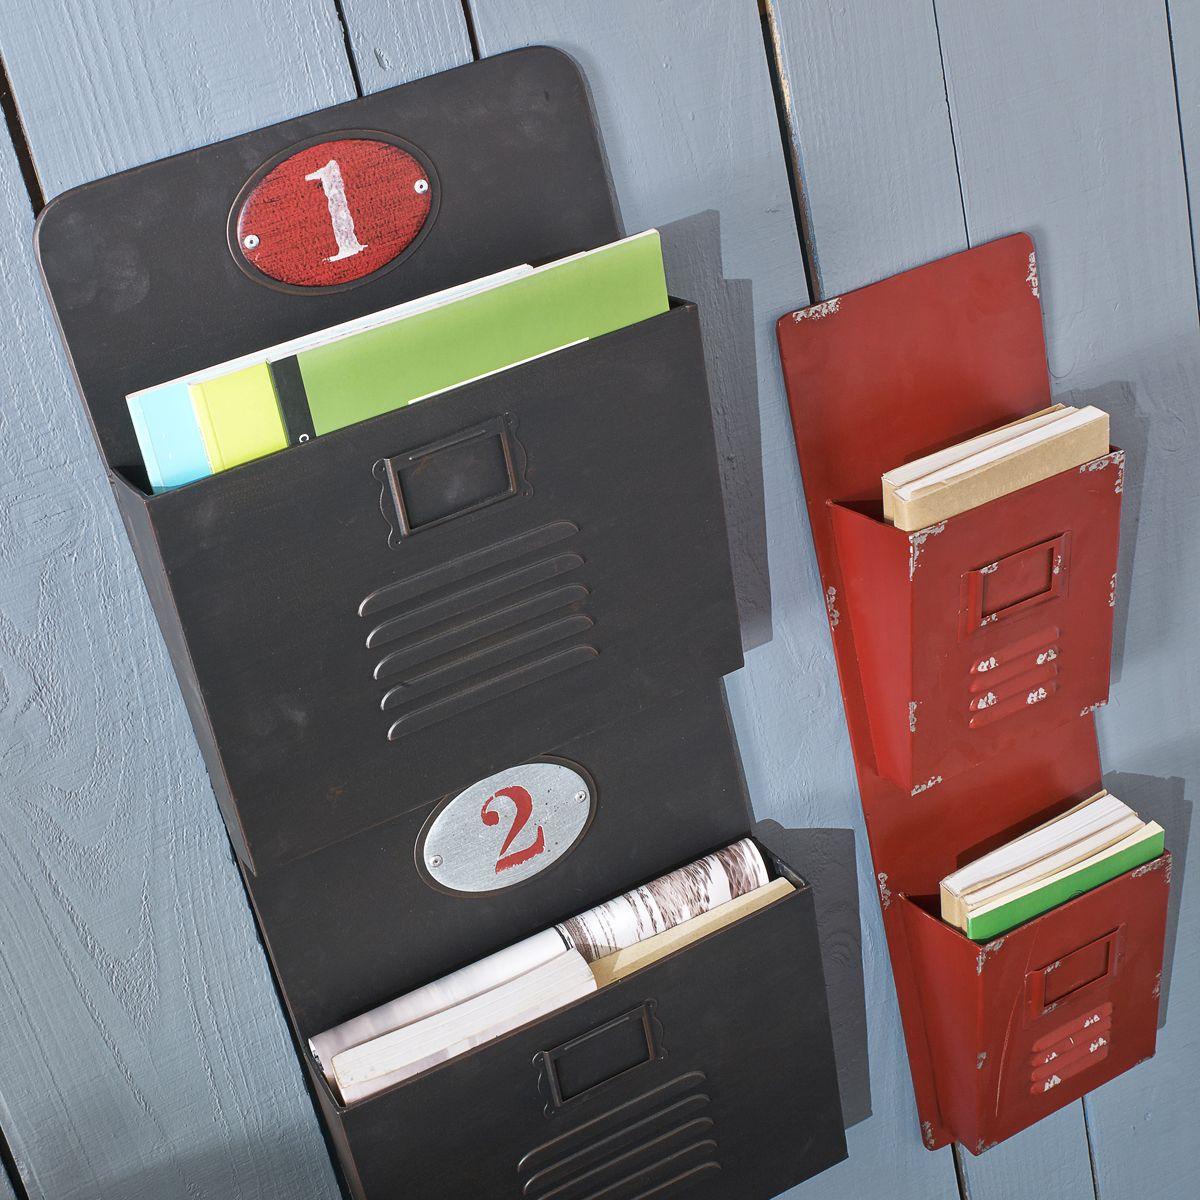 Porte courrier mettre sur le c t du frigo rangements et am nagements porte courrier - Porte courrier ...